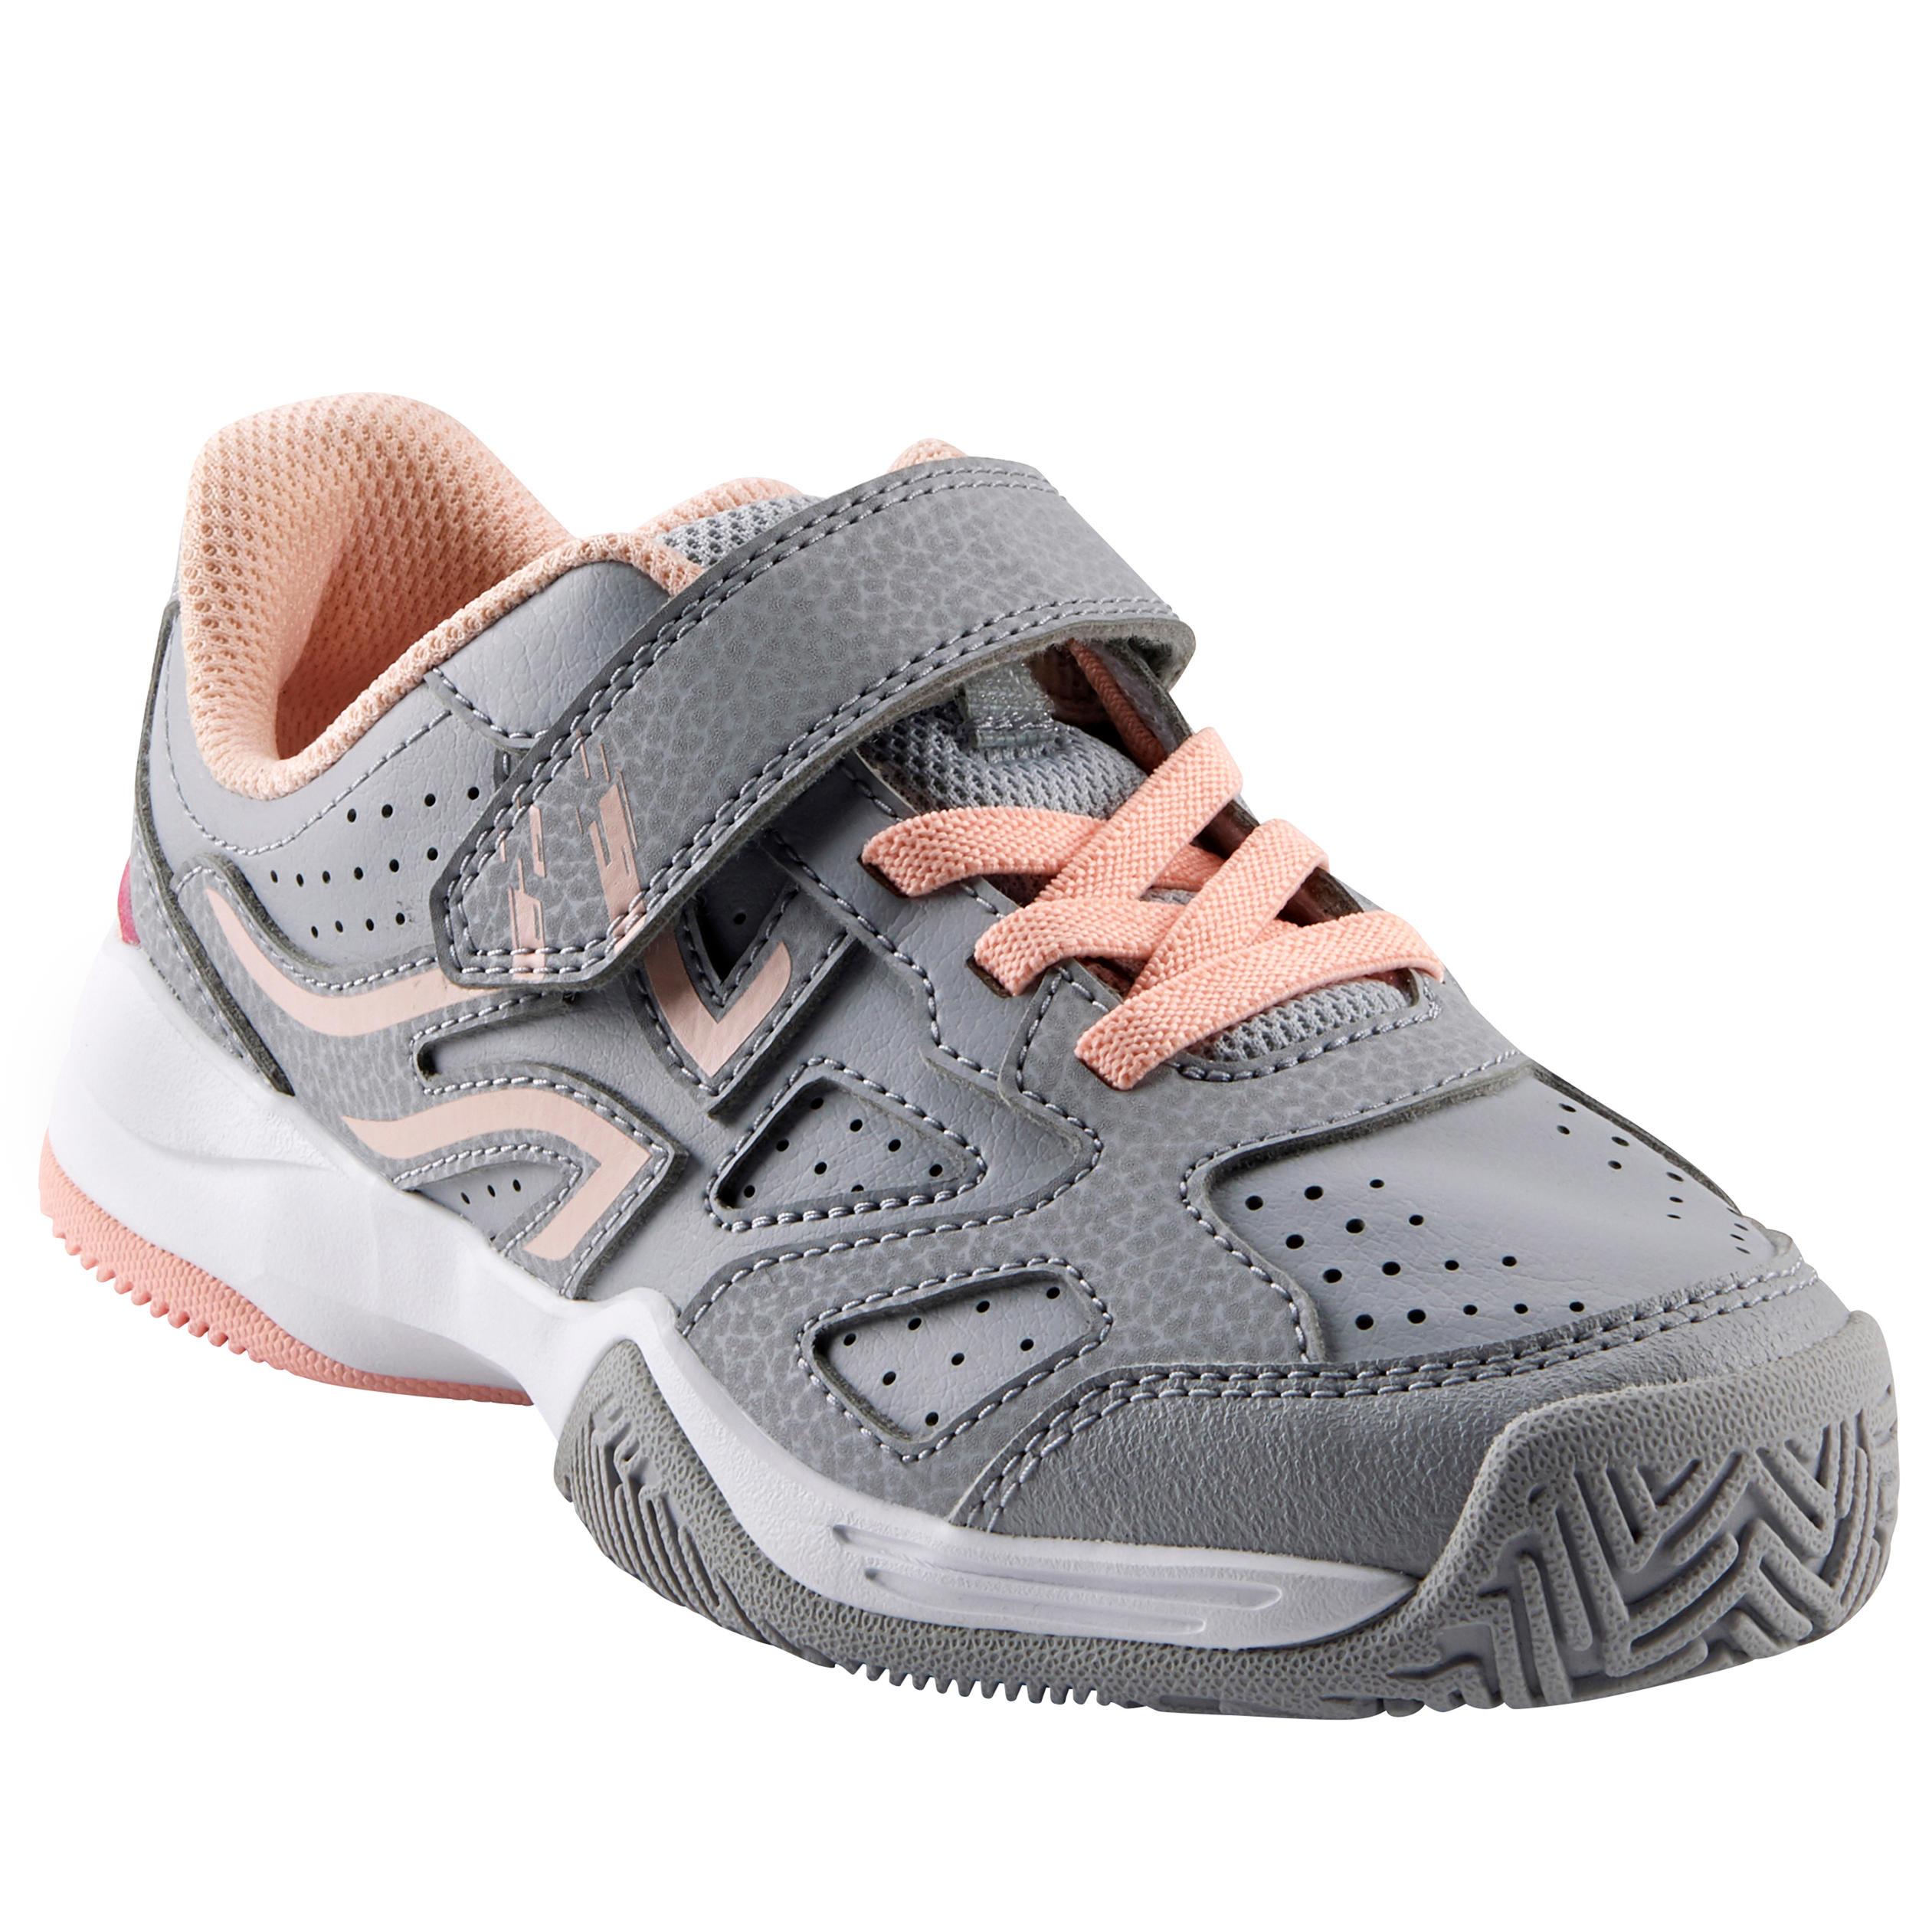 detalles para encontrar el precio más bajo buscar original Comprar Zapatillas de tenis niños y niñas online | Decathlon